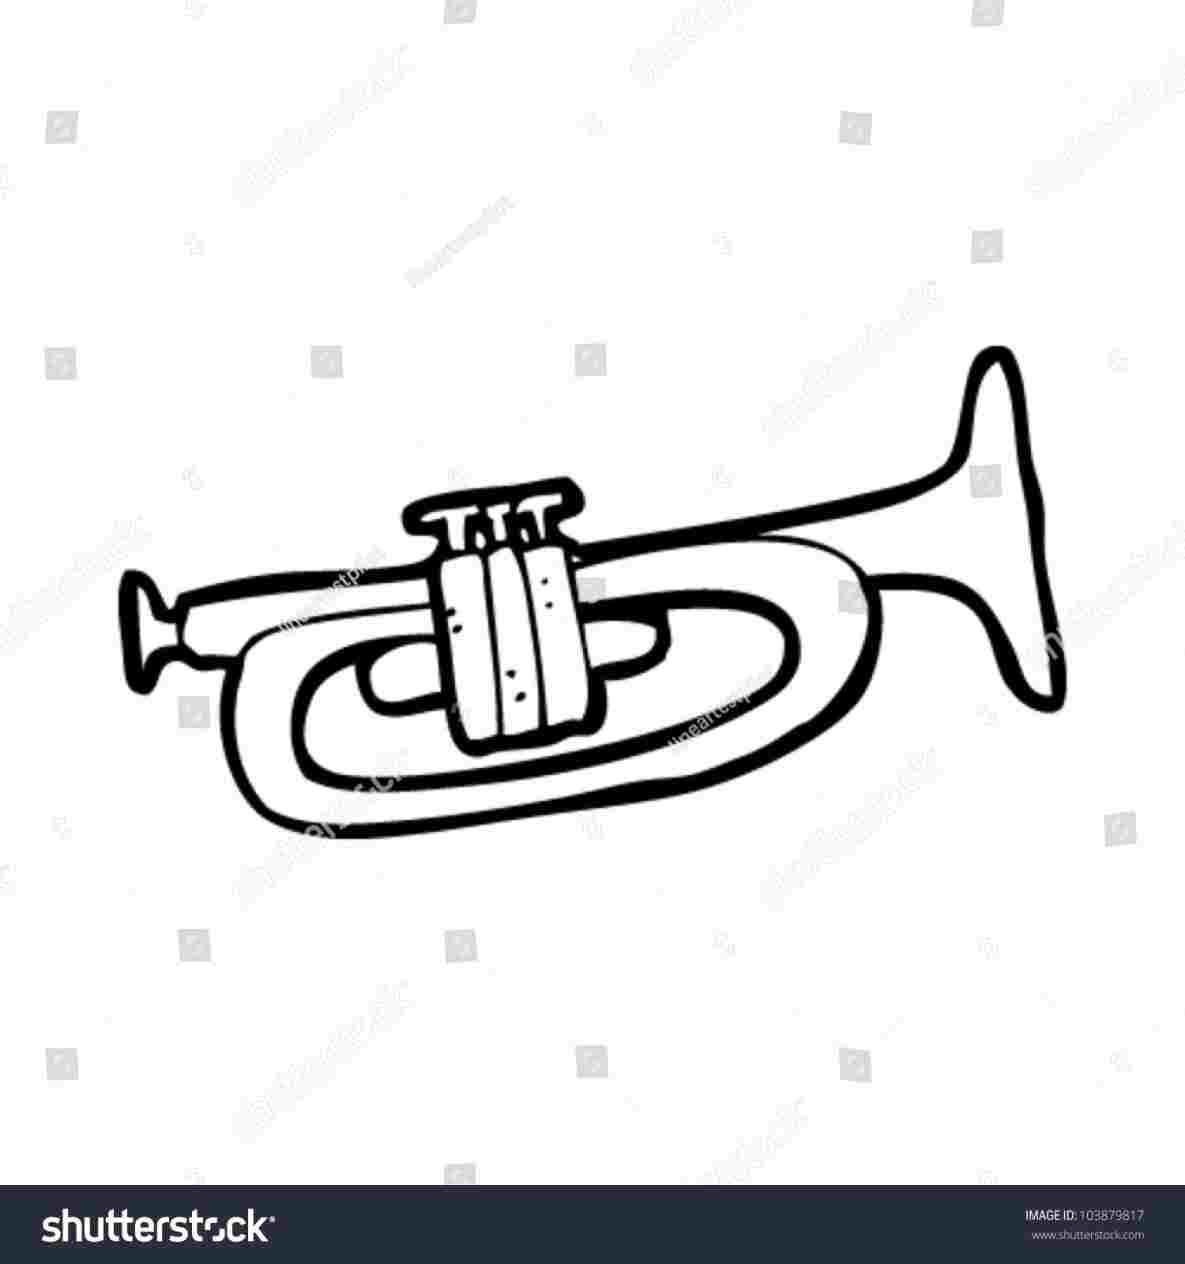 1185x1264 Cartoon Trumpet Drawing